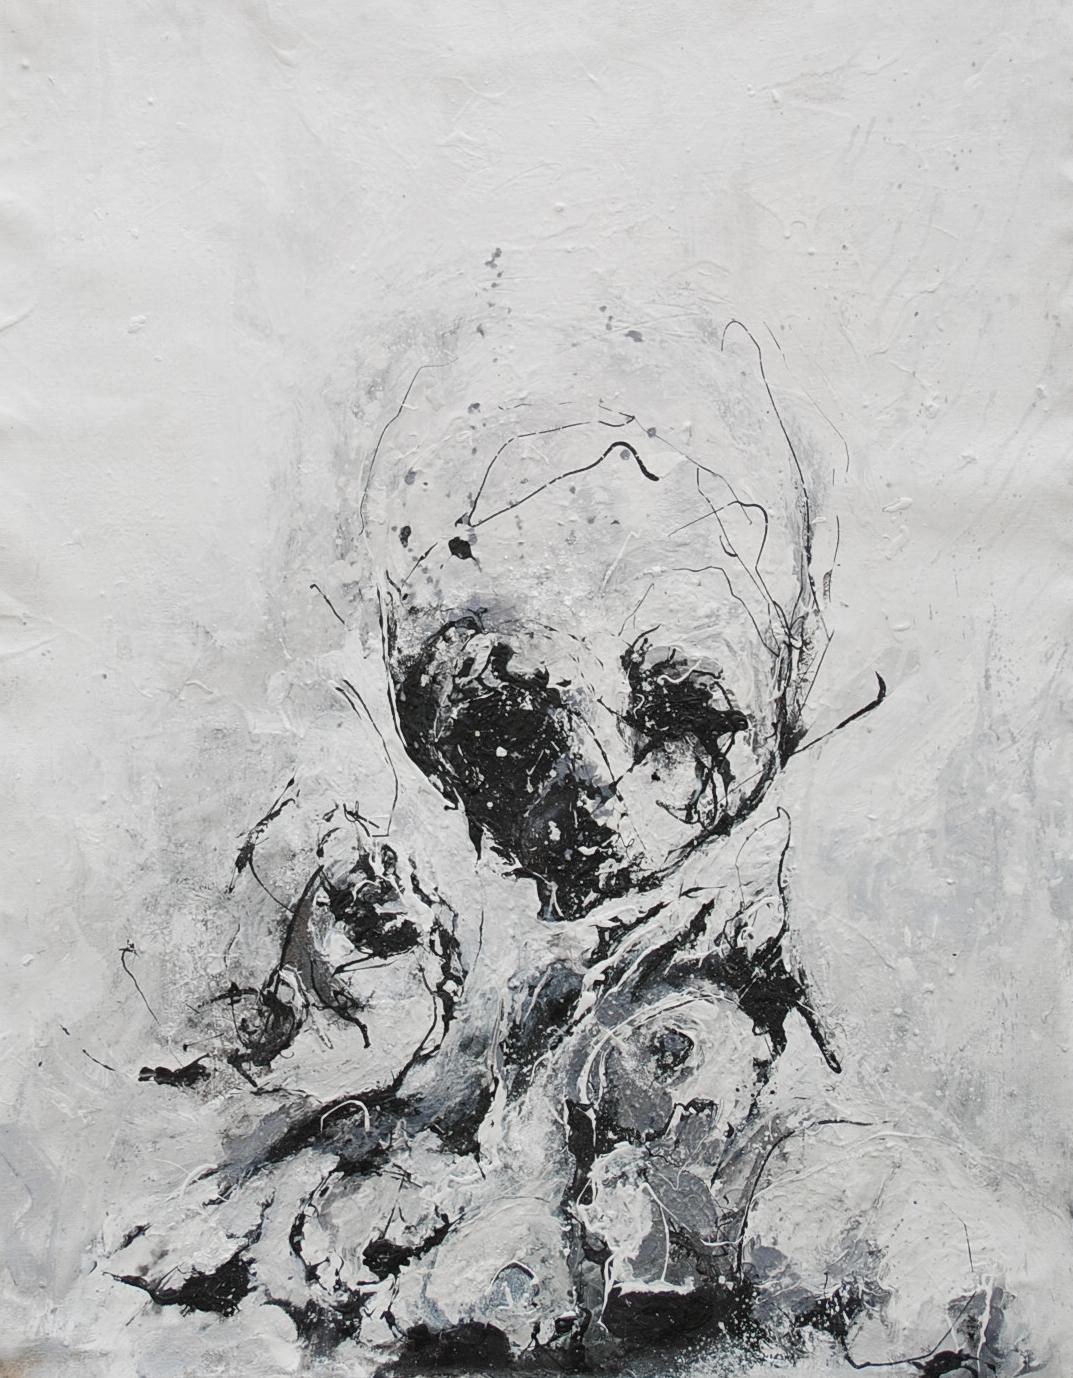 102 x 75 cm  Huile, acrylique, techniques mixtes sur toiles  Châssis simple